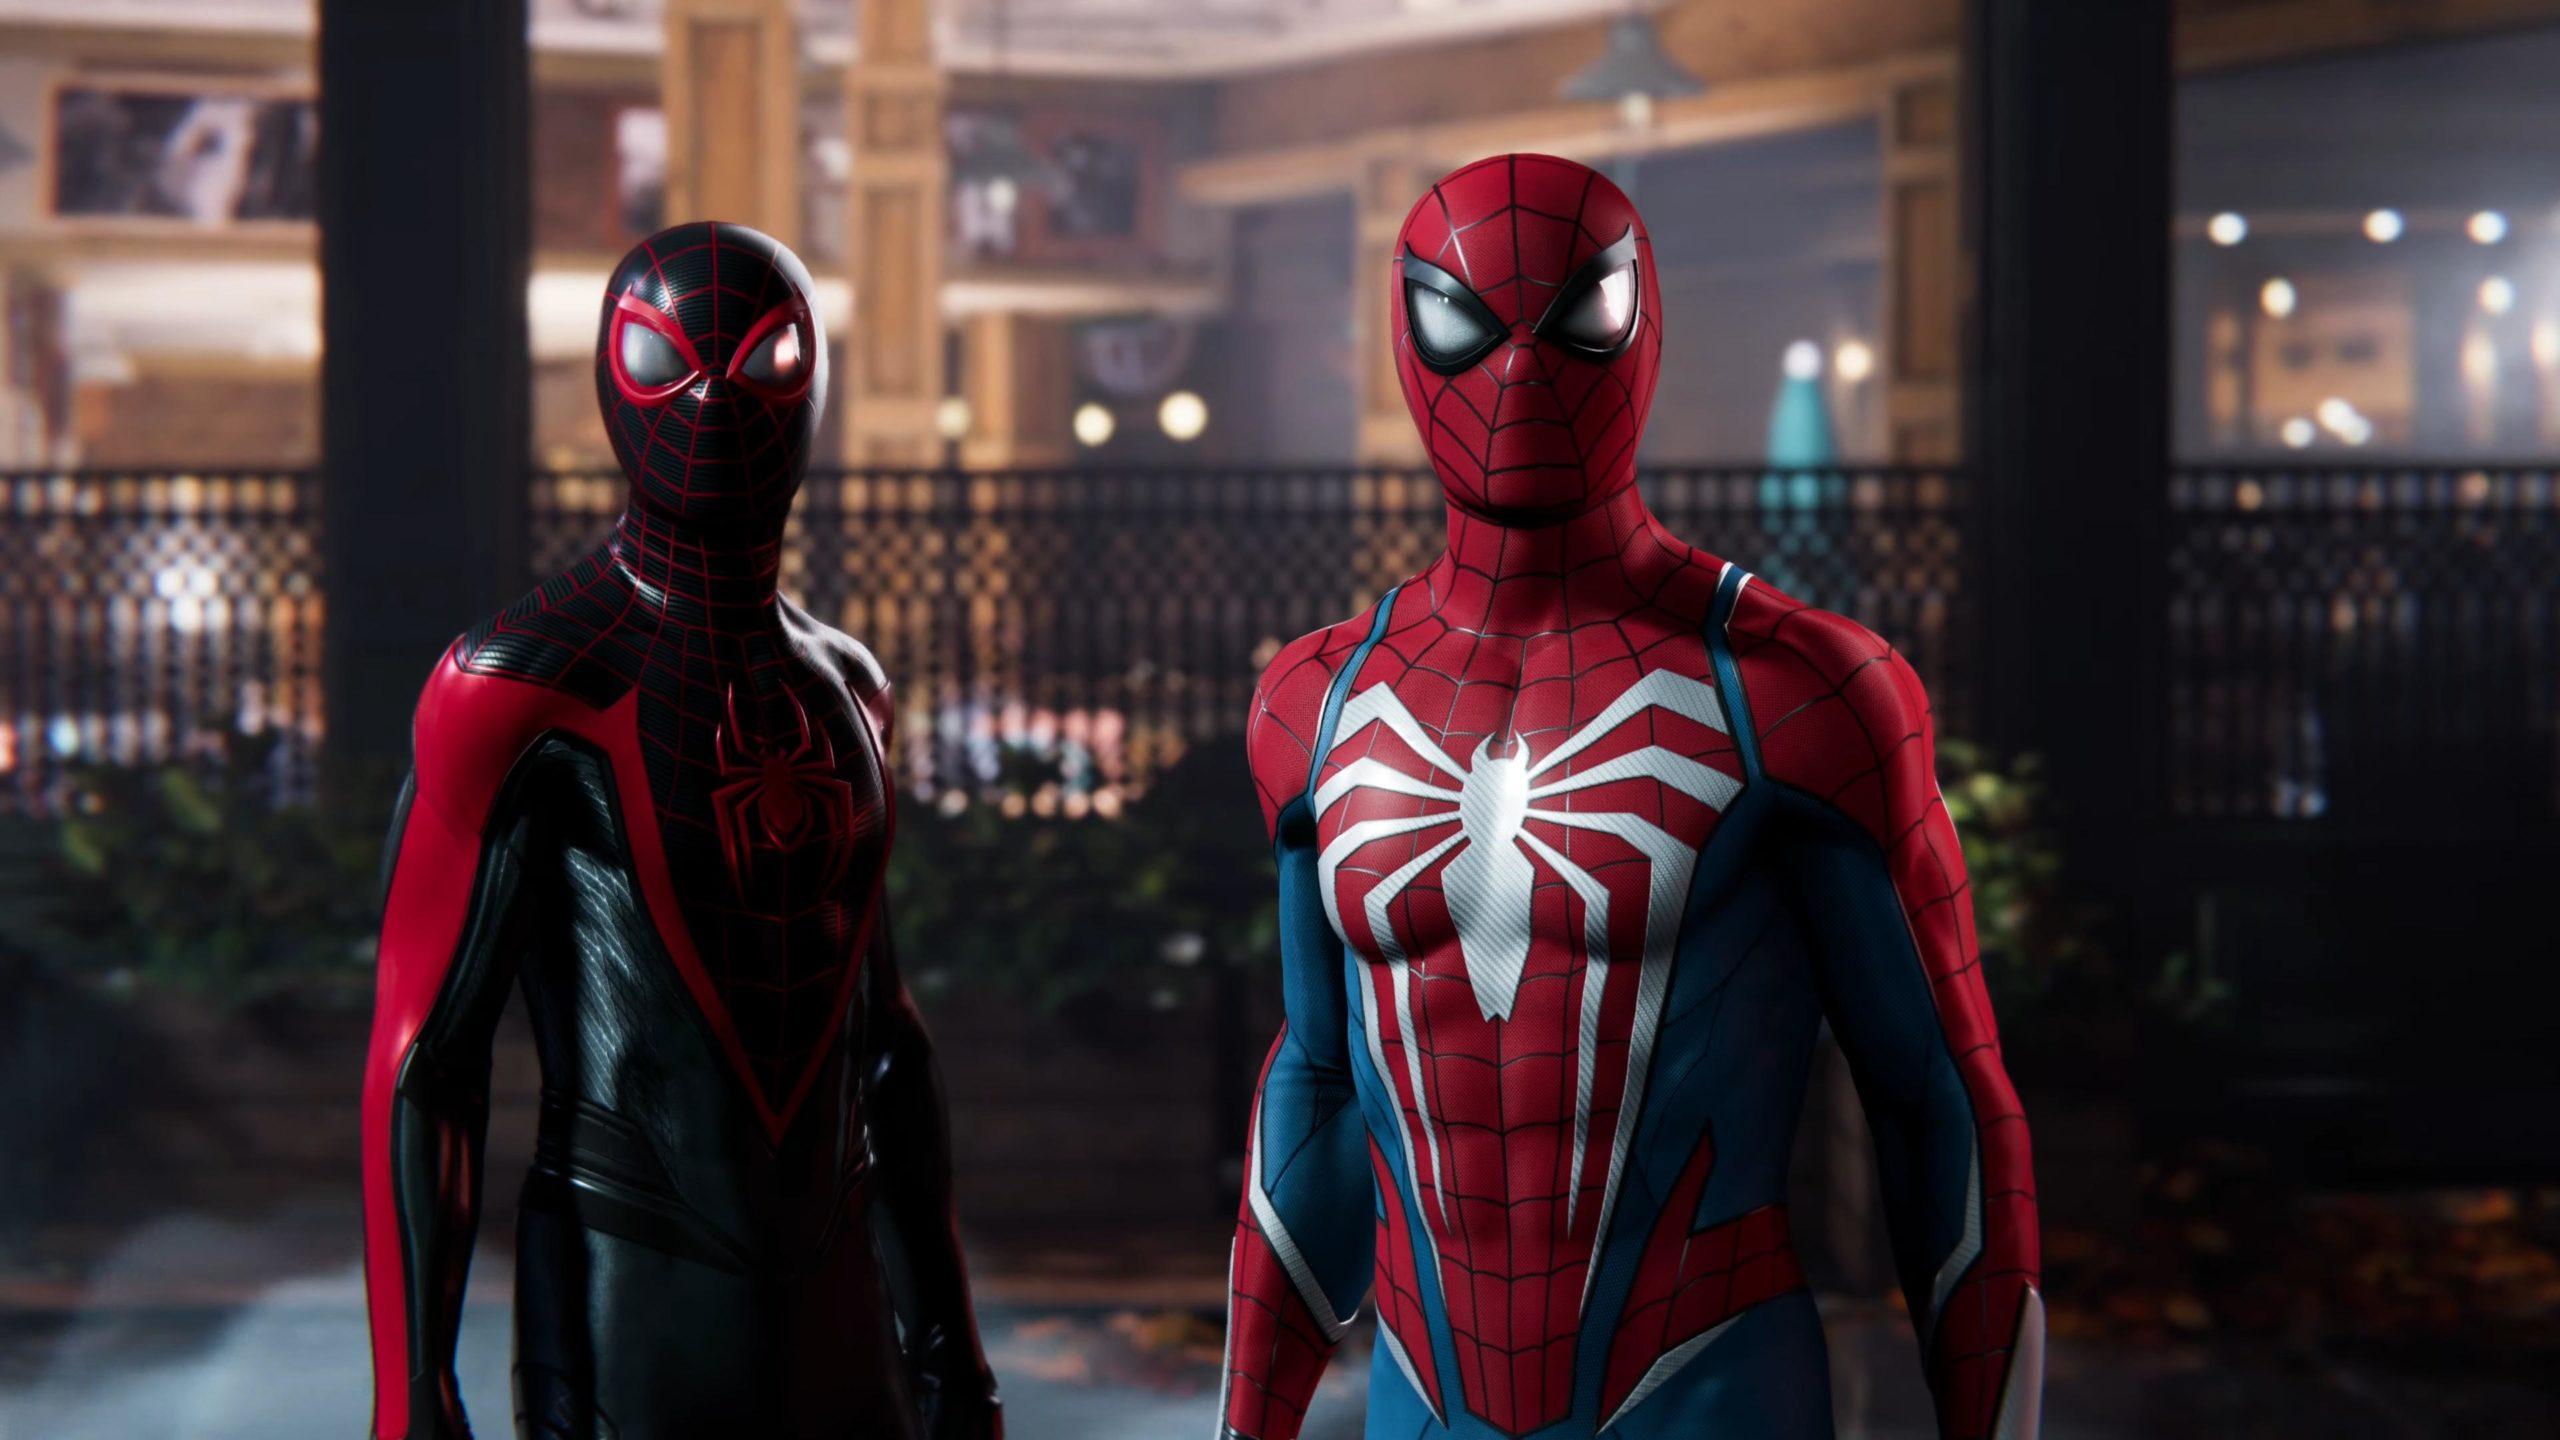 Nos eventos de Spider-Man e Miles Morales tivemos uma grande revelação, entretanto Spider-Man 2 vem ai com uma grande novidade. Confira!